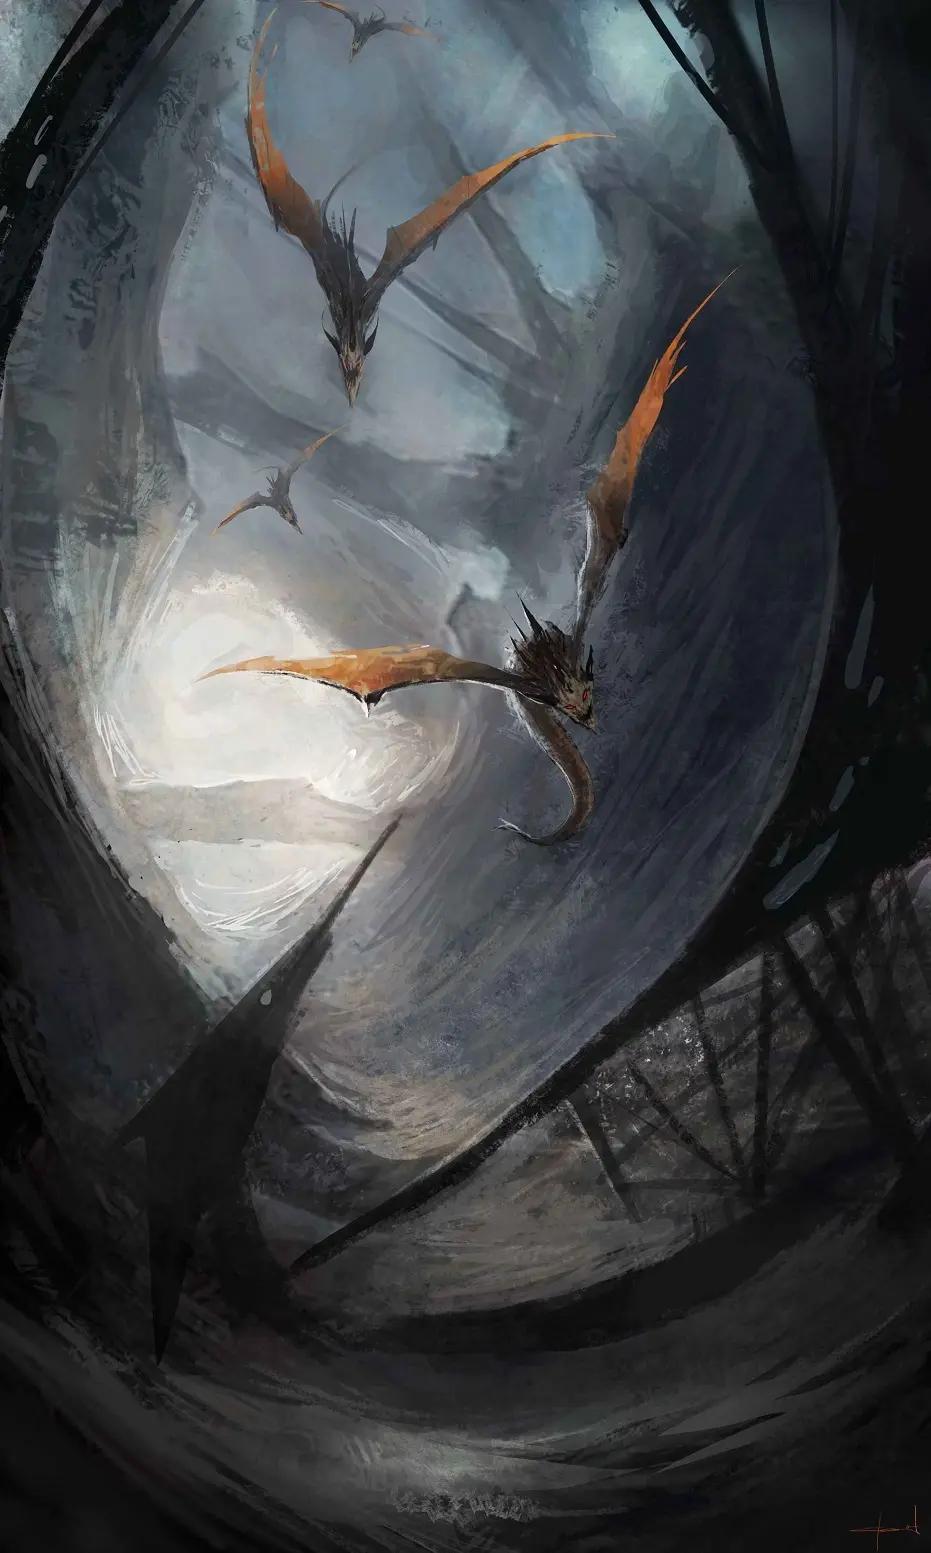 克苏鲁神话生物——恐怖猎手